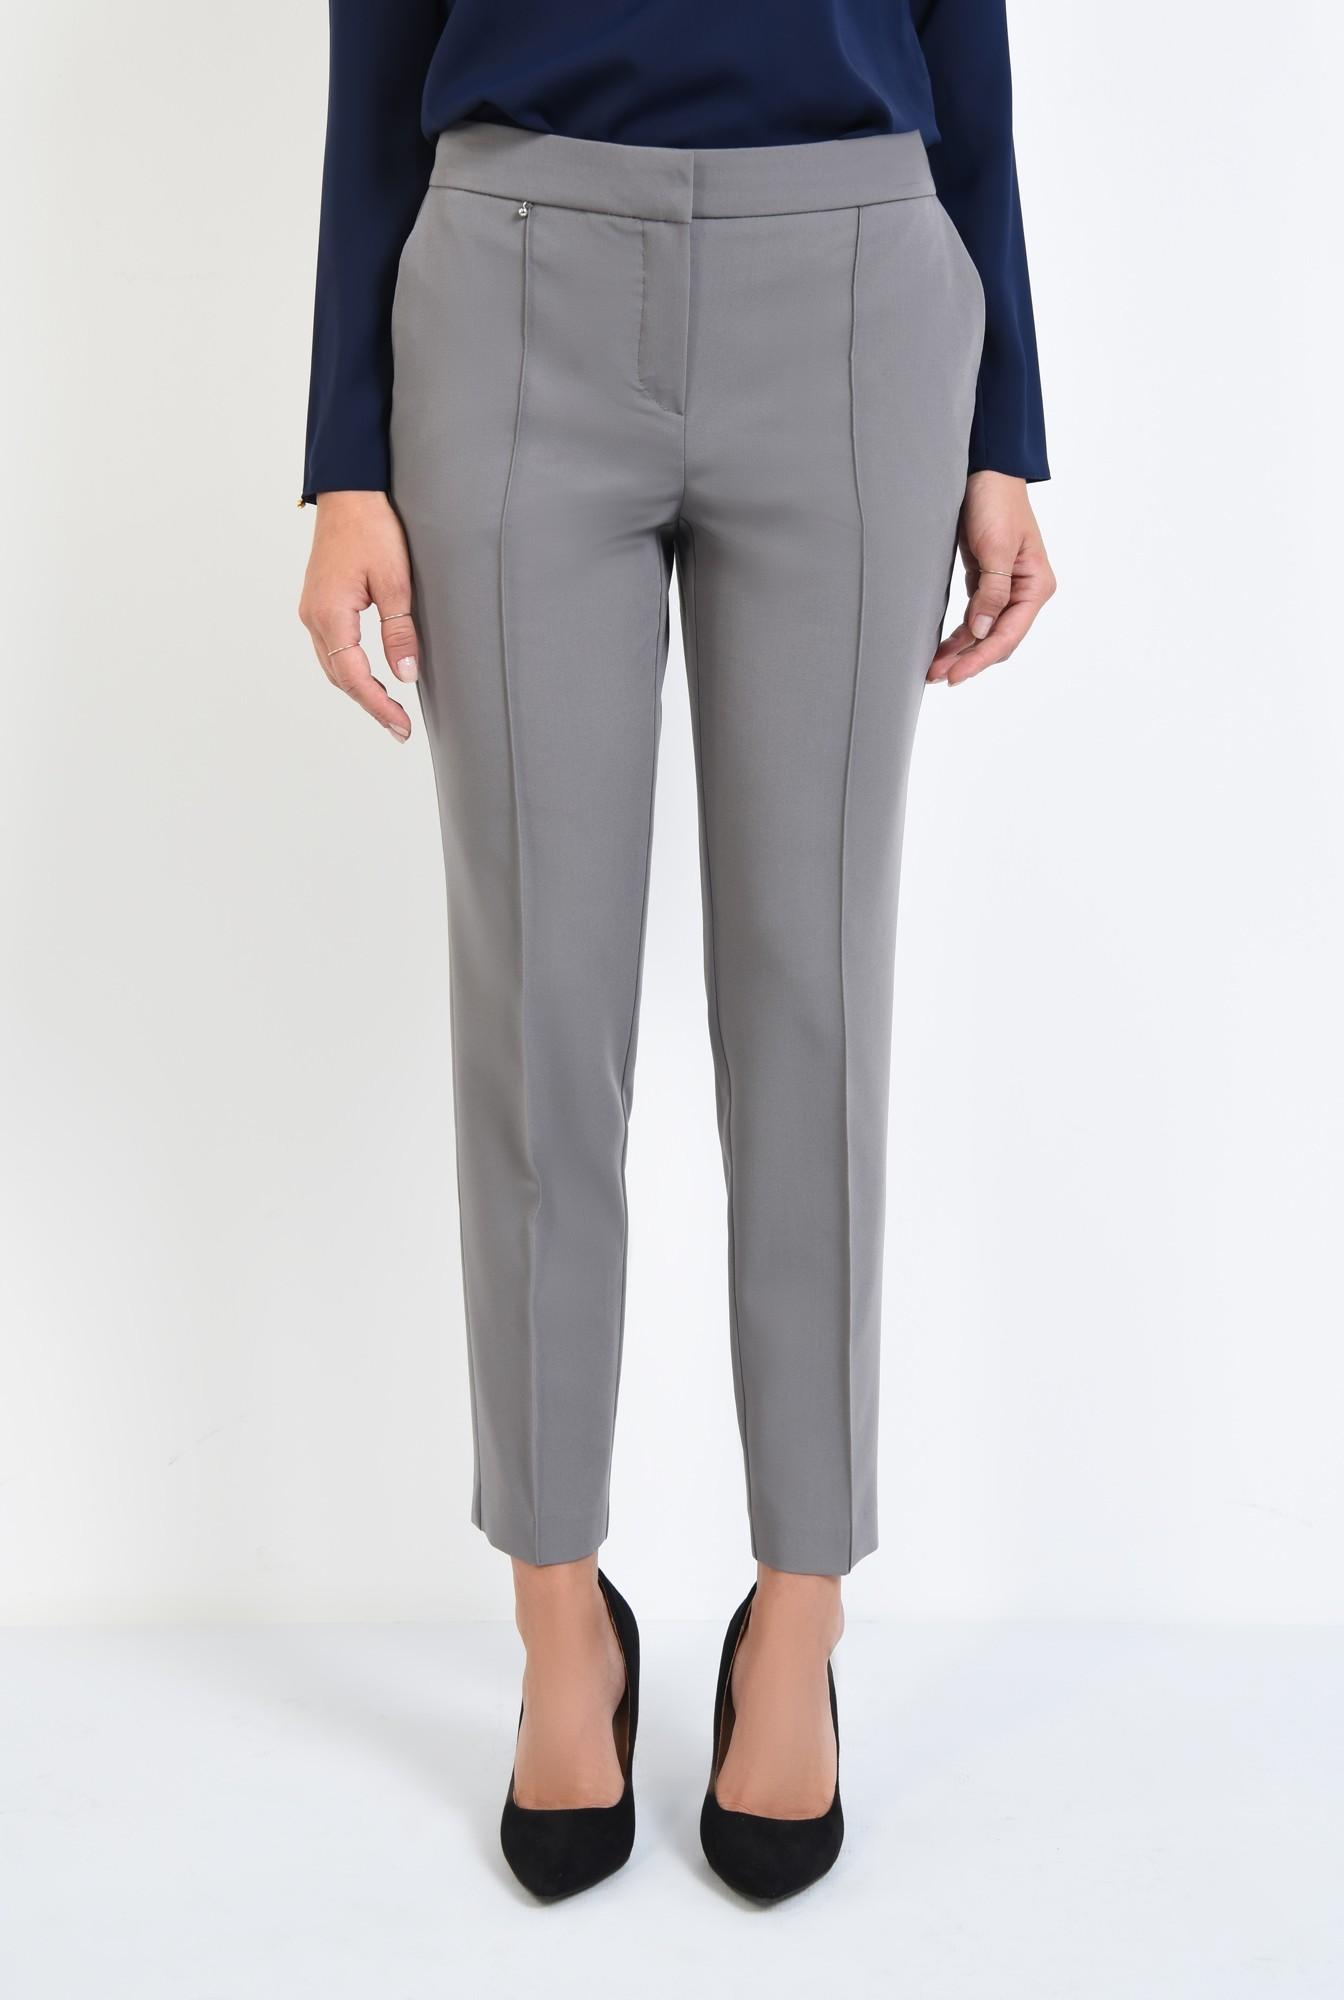 2 - pantaloni casual. clasici, cu buzunare functionale